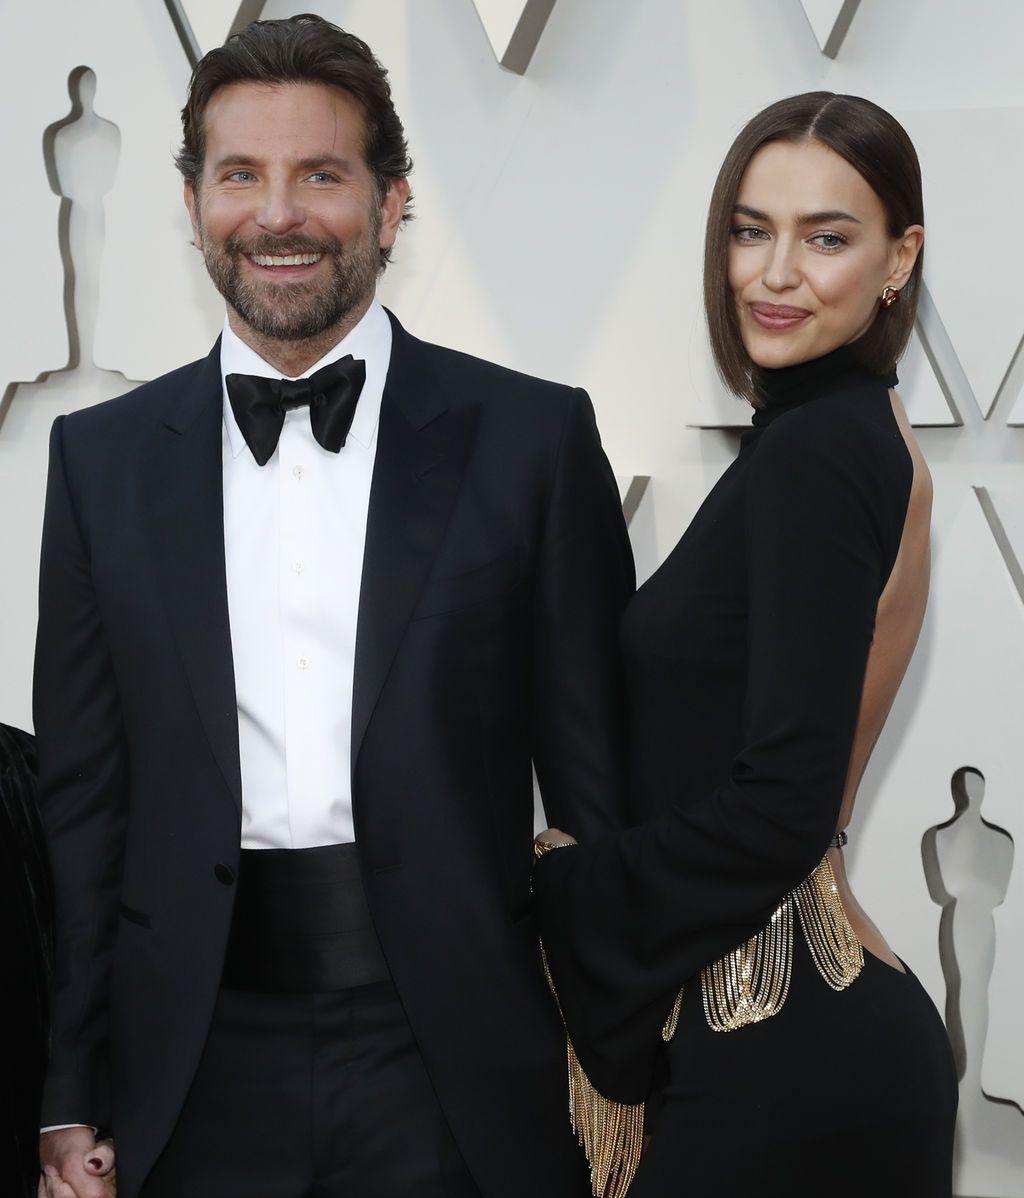 Bradley Cooper llega a la gala de los Oscars acompañado de su mujer Irina Shayk